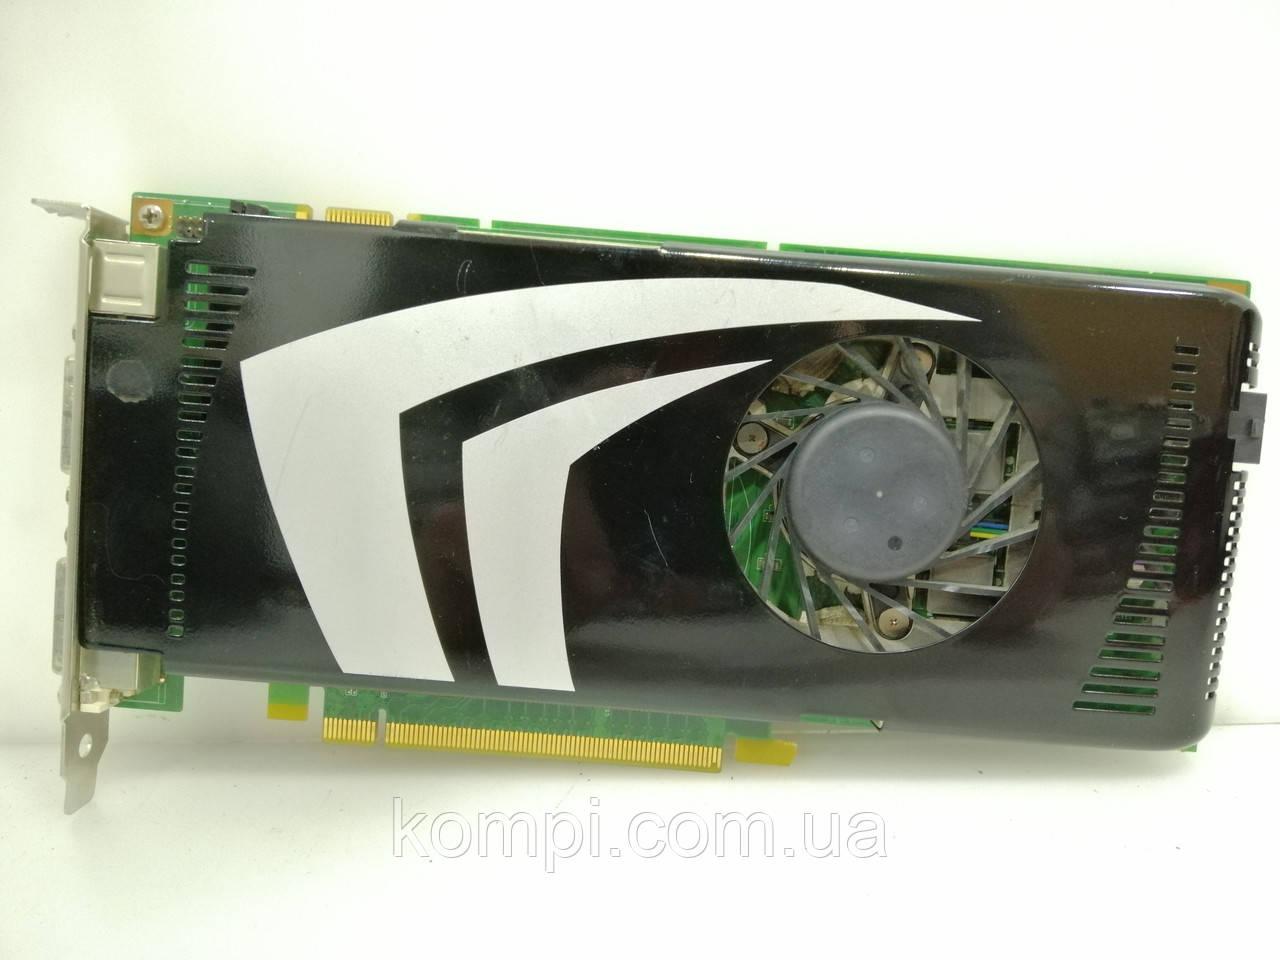 Видеокарта NVIDIA GeForce 9600GT 512mb 256bit PCI-E